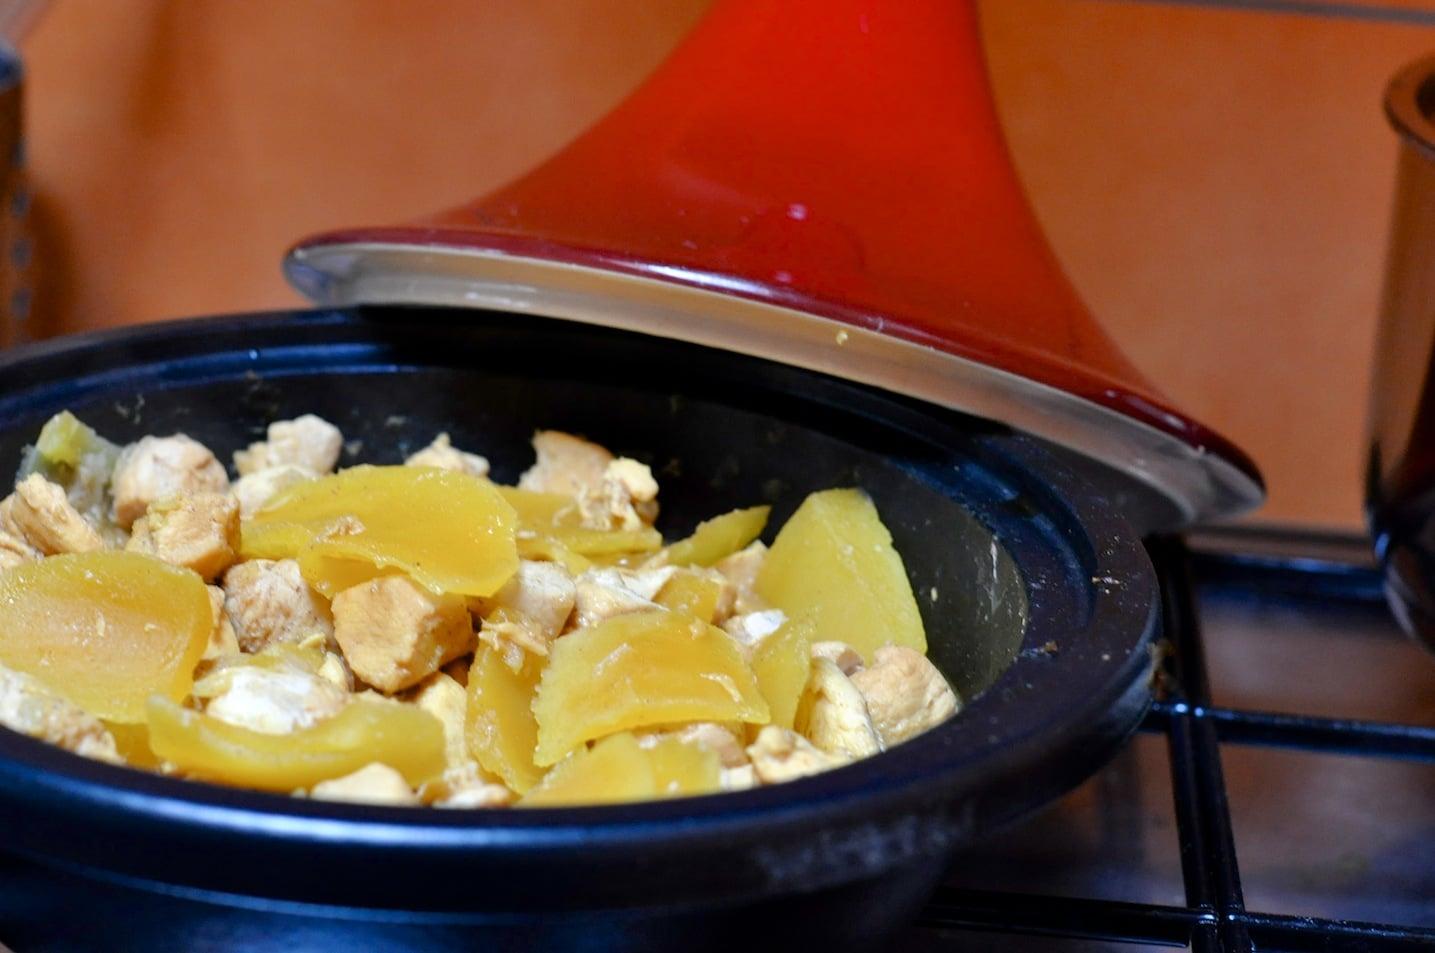 Recette tajine de poulet à la manque sans gluten et sans lait